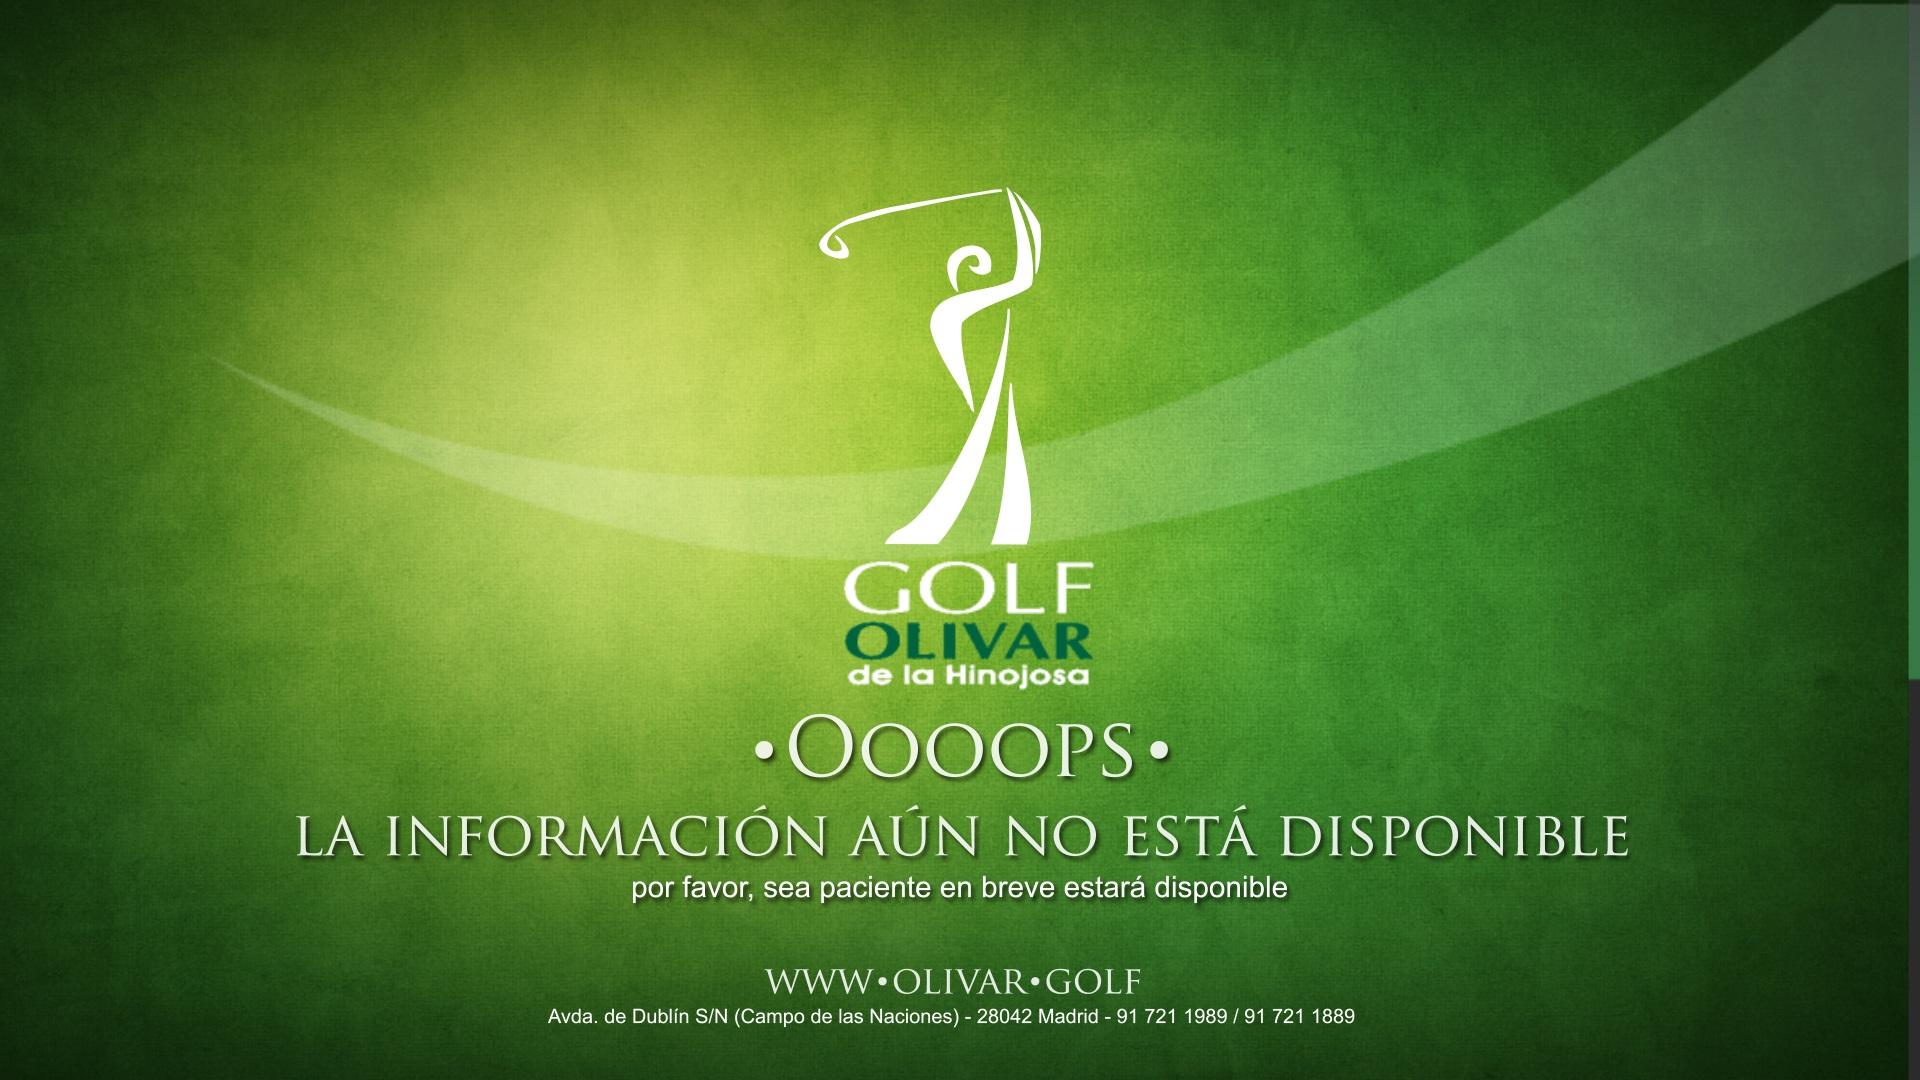 Olivar de La Hinojosa Campo de las Naciones Torneo Proximamente PerfectPixel Publicidad 2